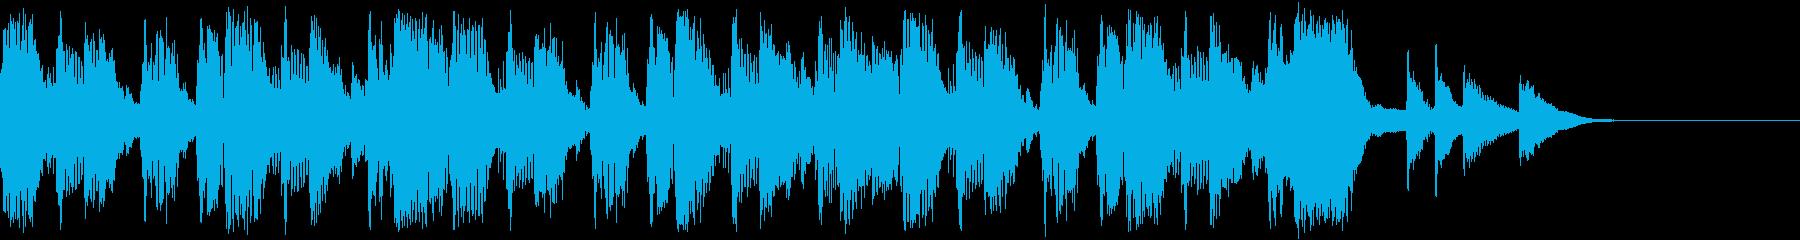 和風ダンス/SE/OPジングル/ロゴの再生済みの波形